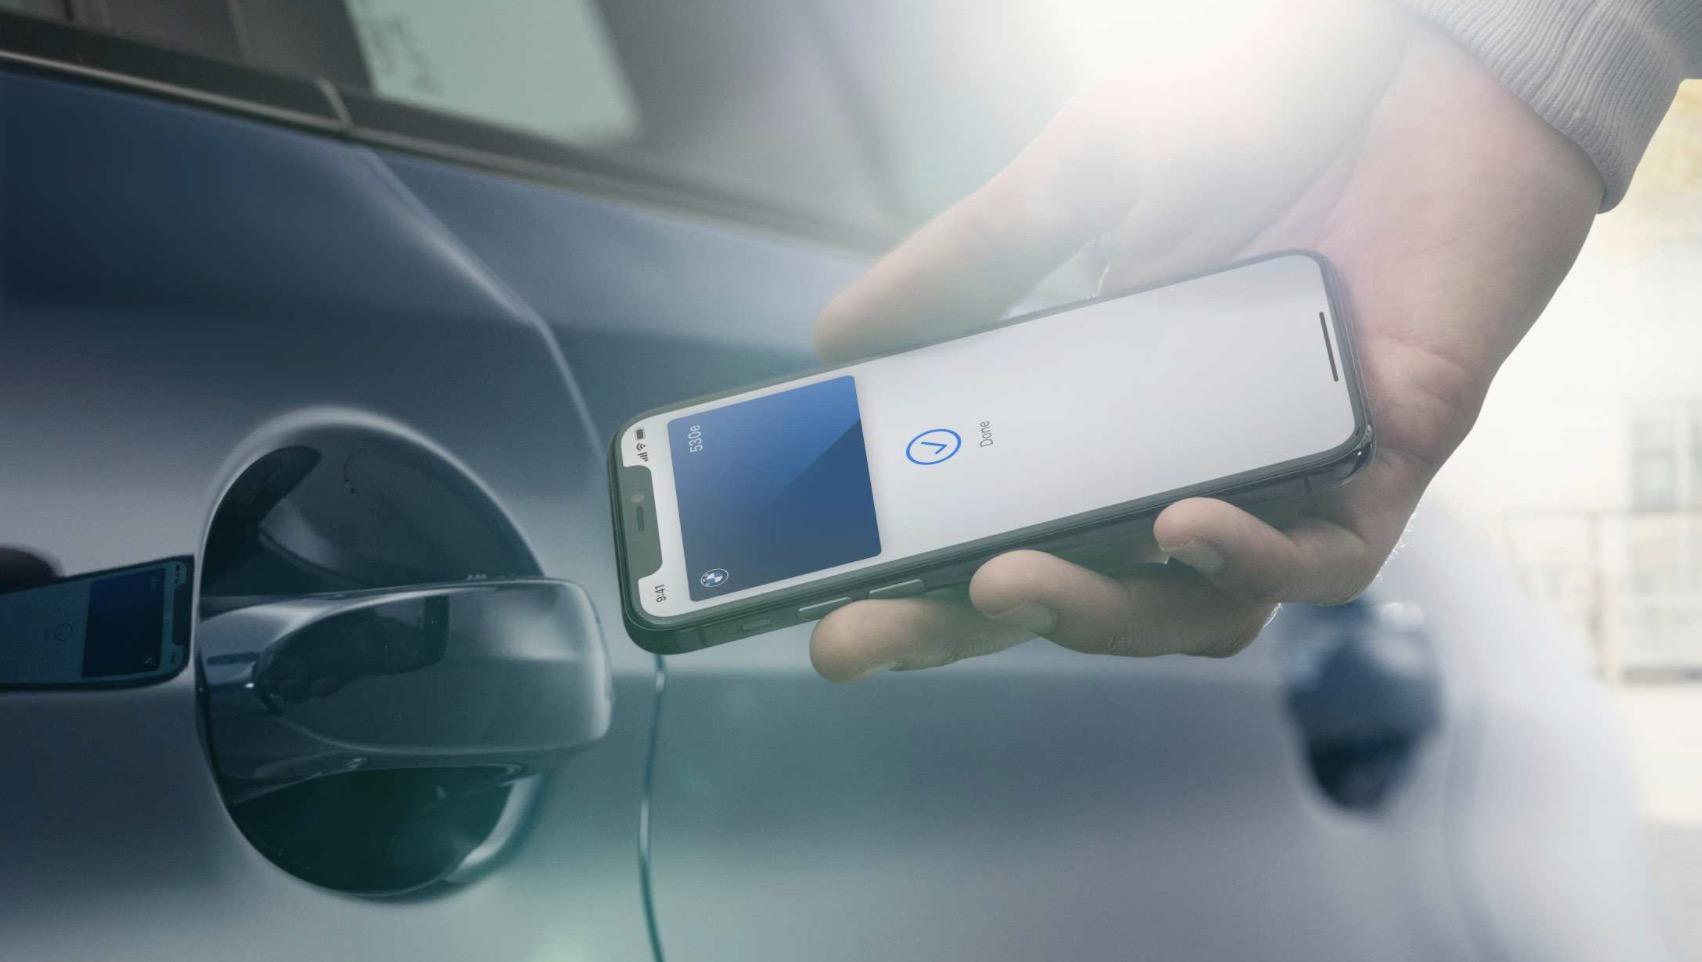 「股票配资」支持苹果数字钥匙股票配资BMW5图片